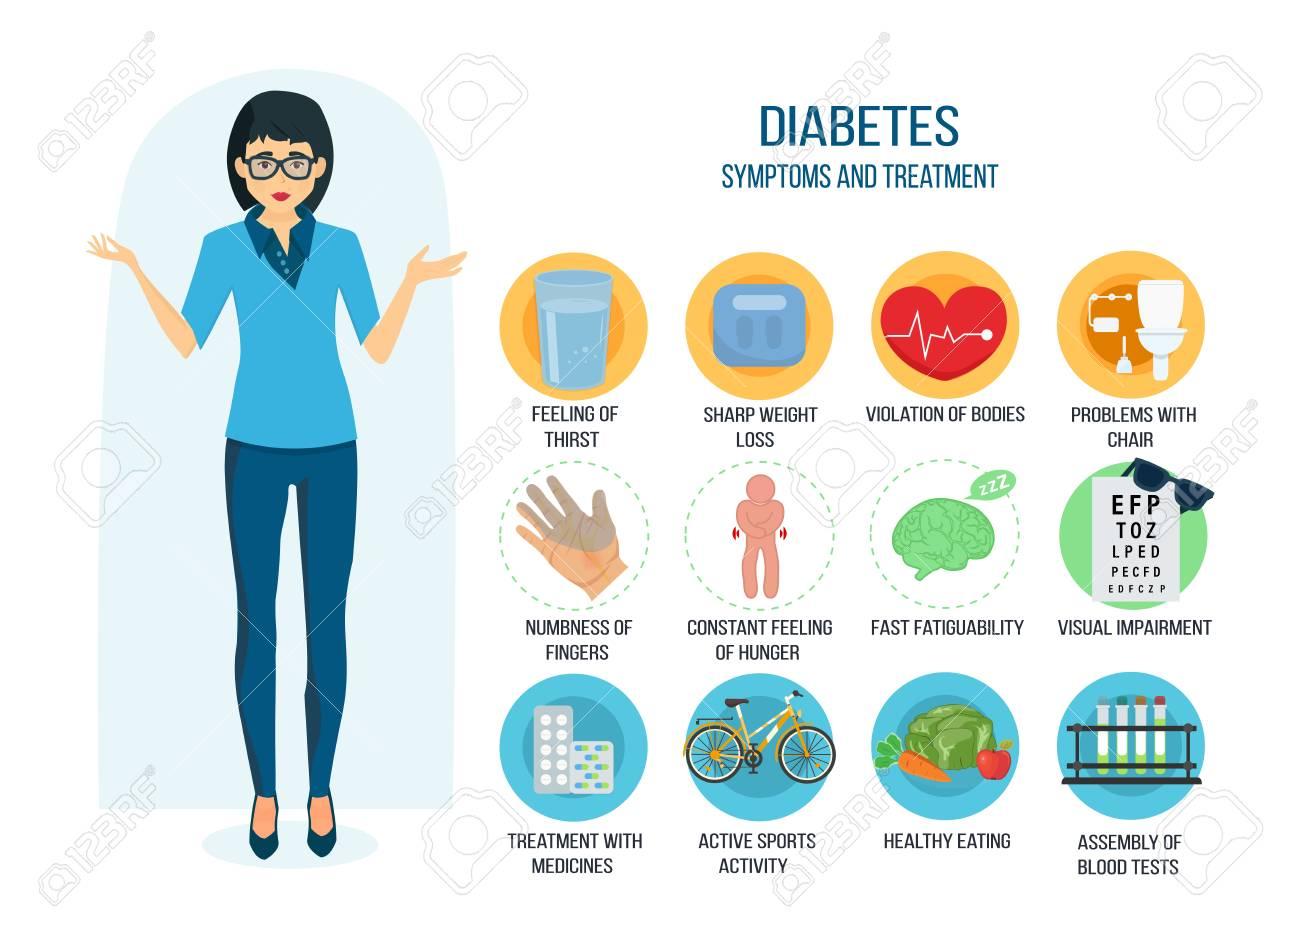 año de atención tarifa diabetes